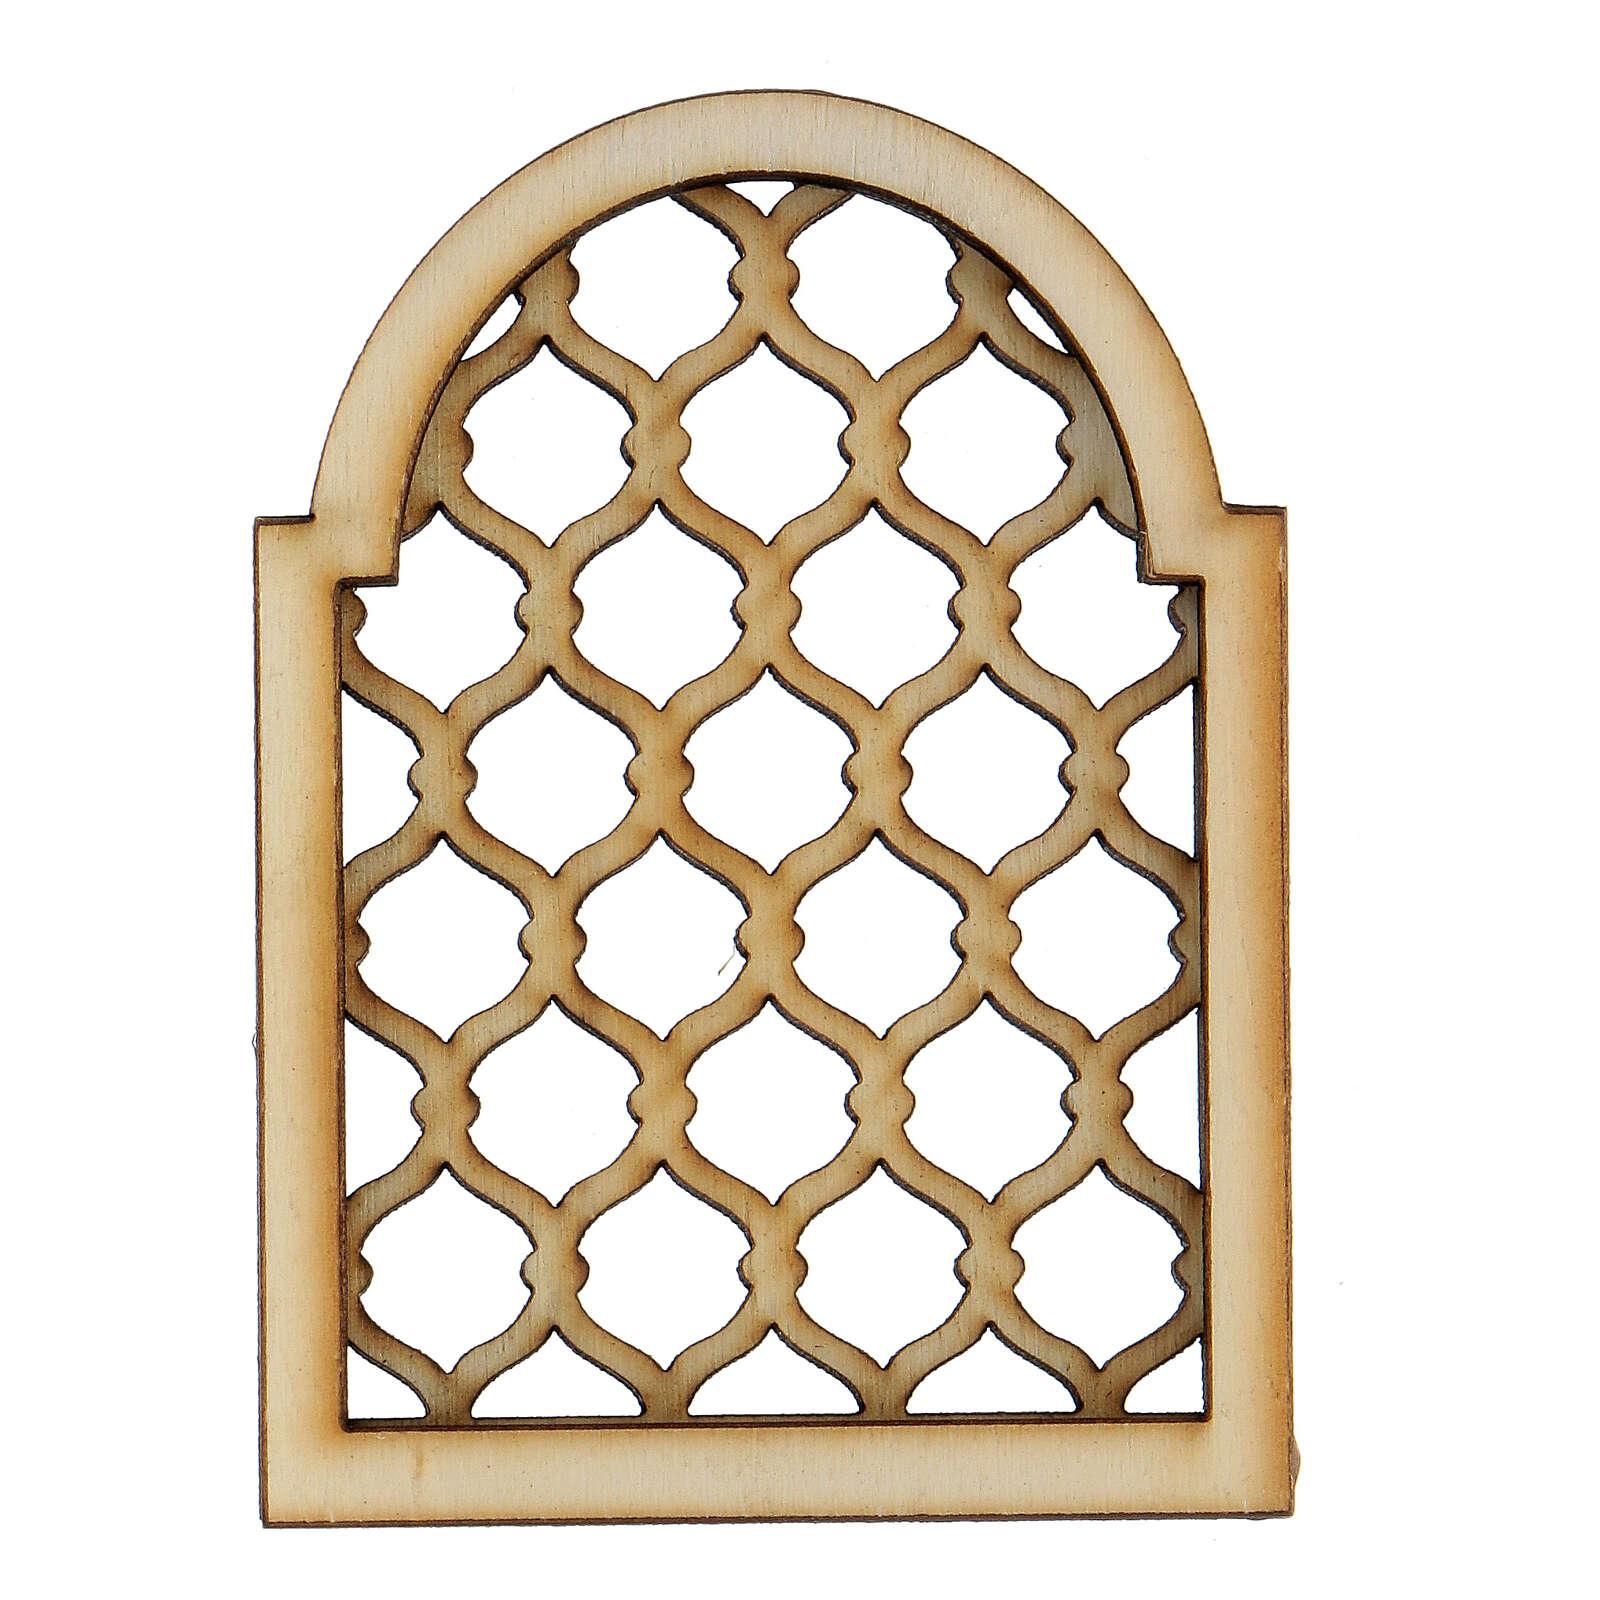 Accessorio presepe napoletano fai da te finestra araba 4